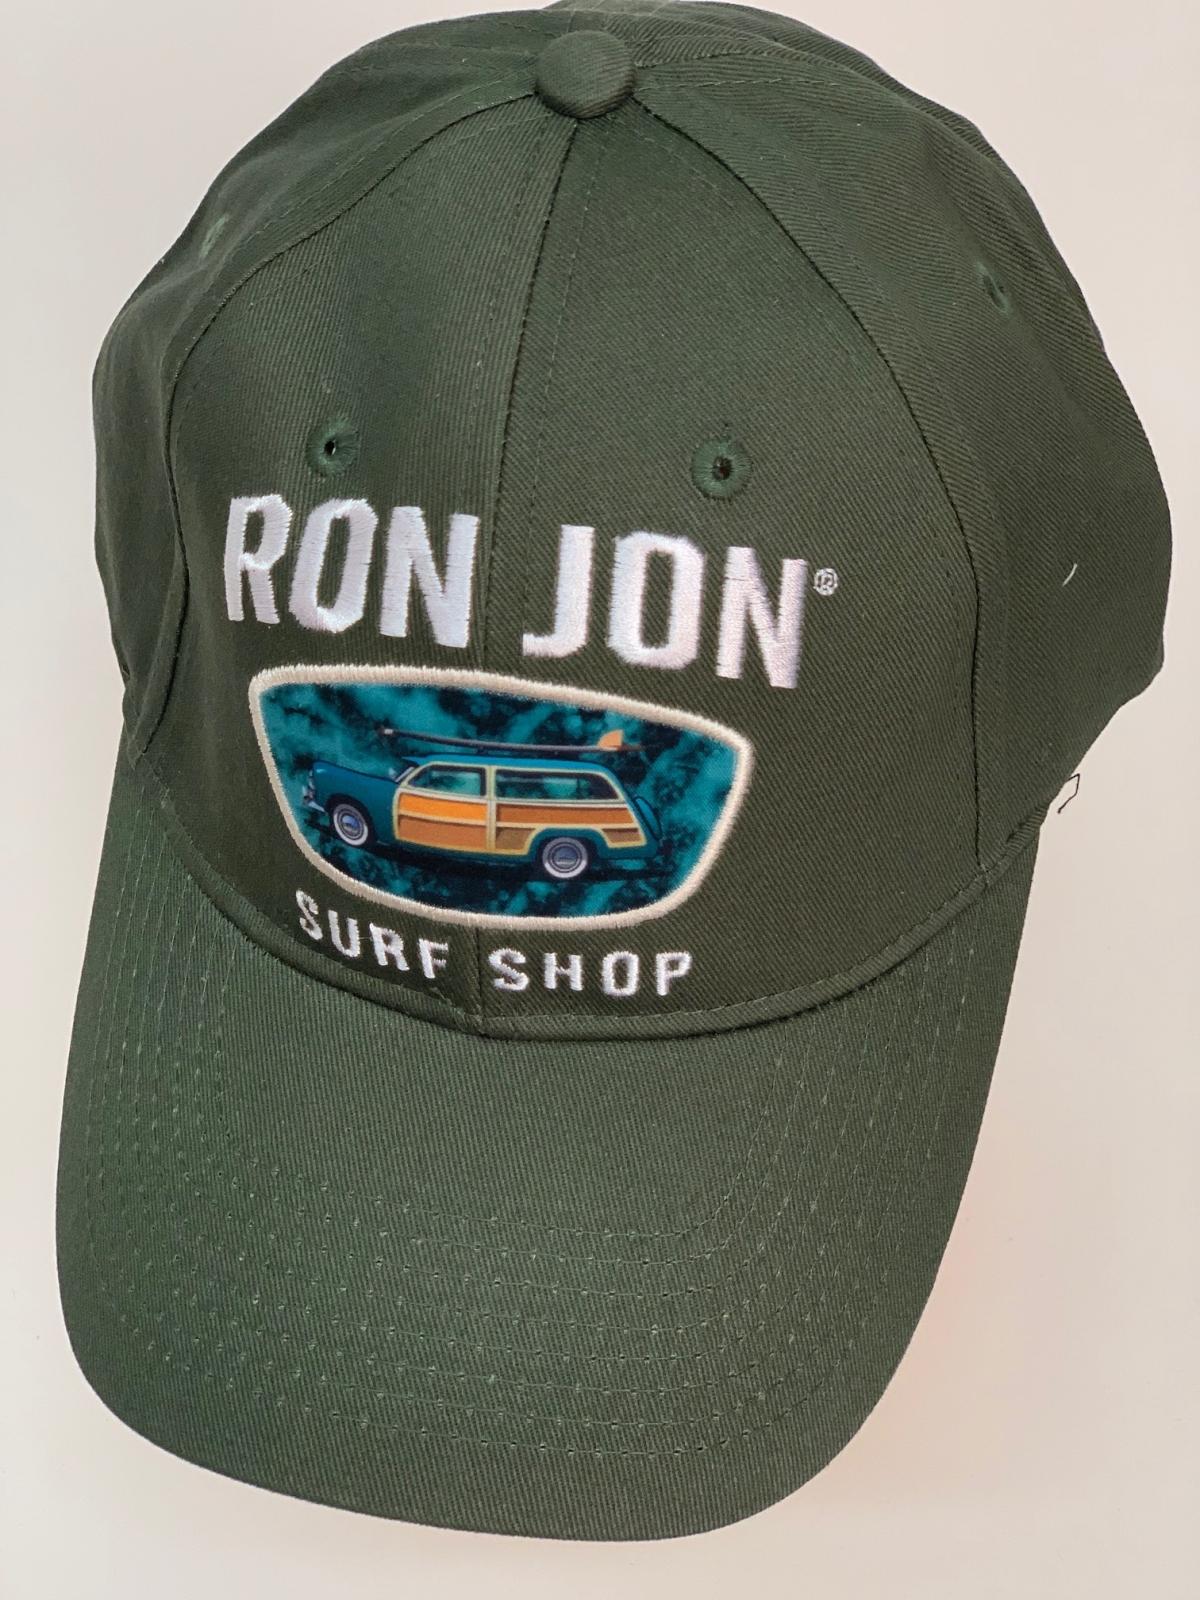 Бейсболка Ron Jon оливкового цвета